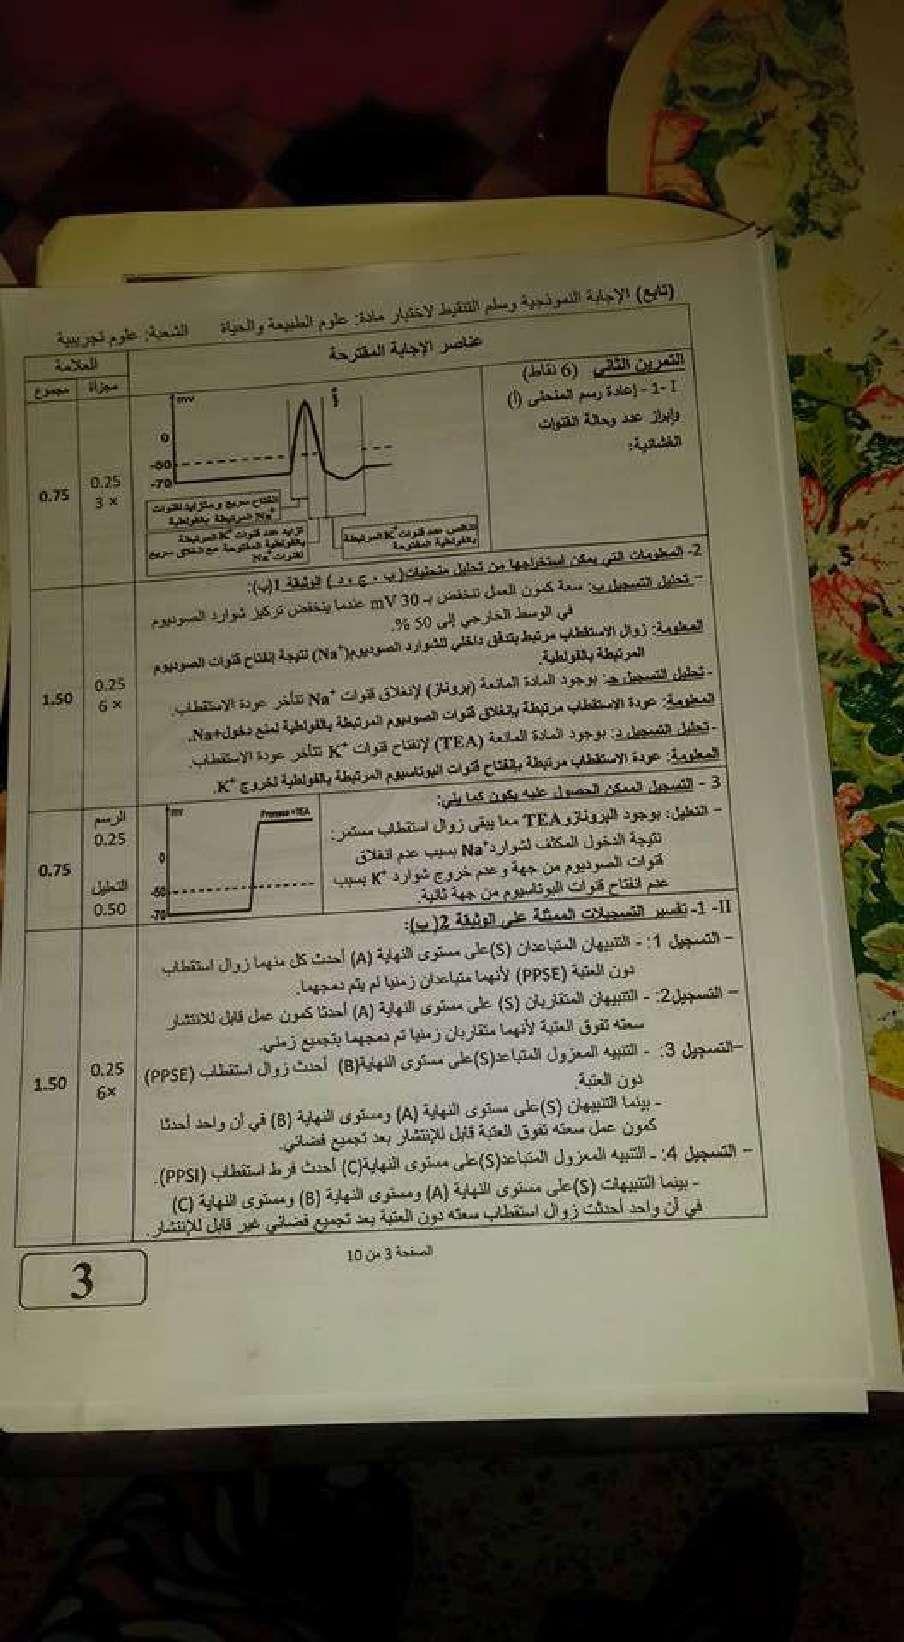 مواضيع واجوبة البكالوريا شعبة العلوم 310.jpg